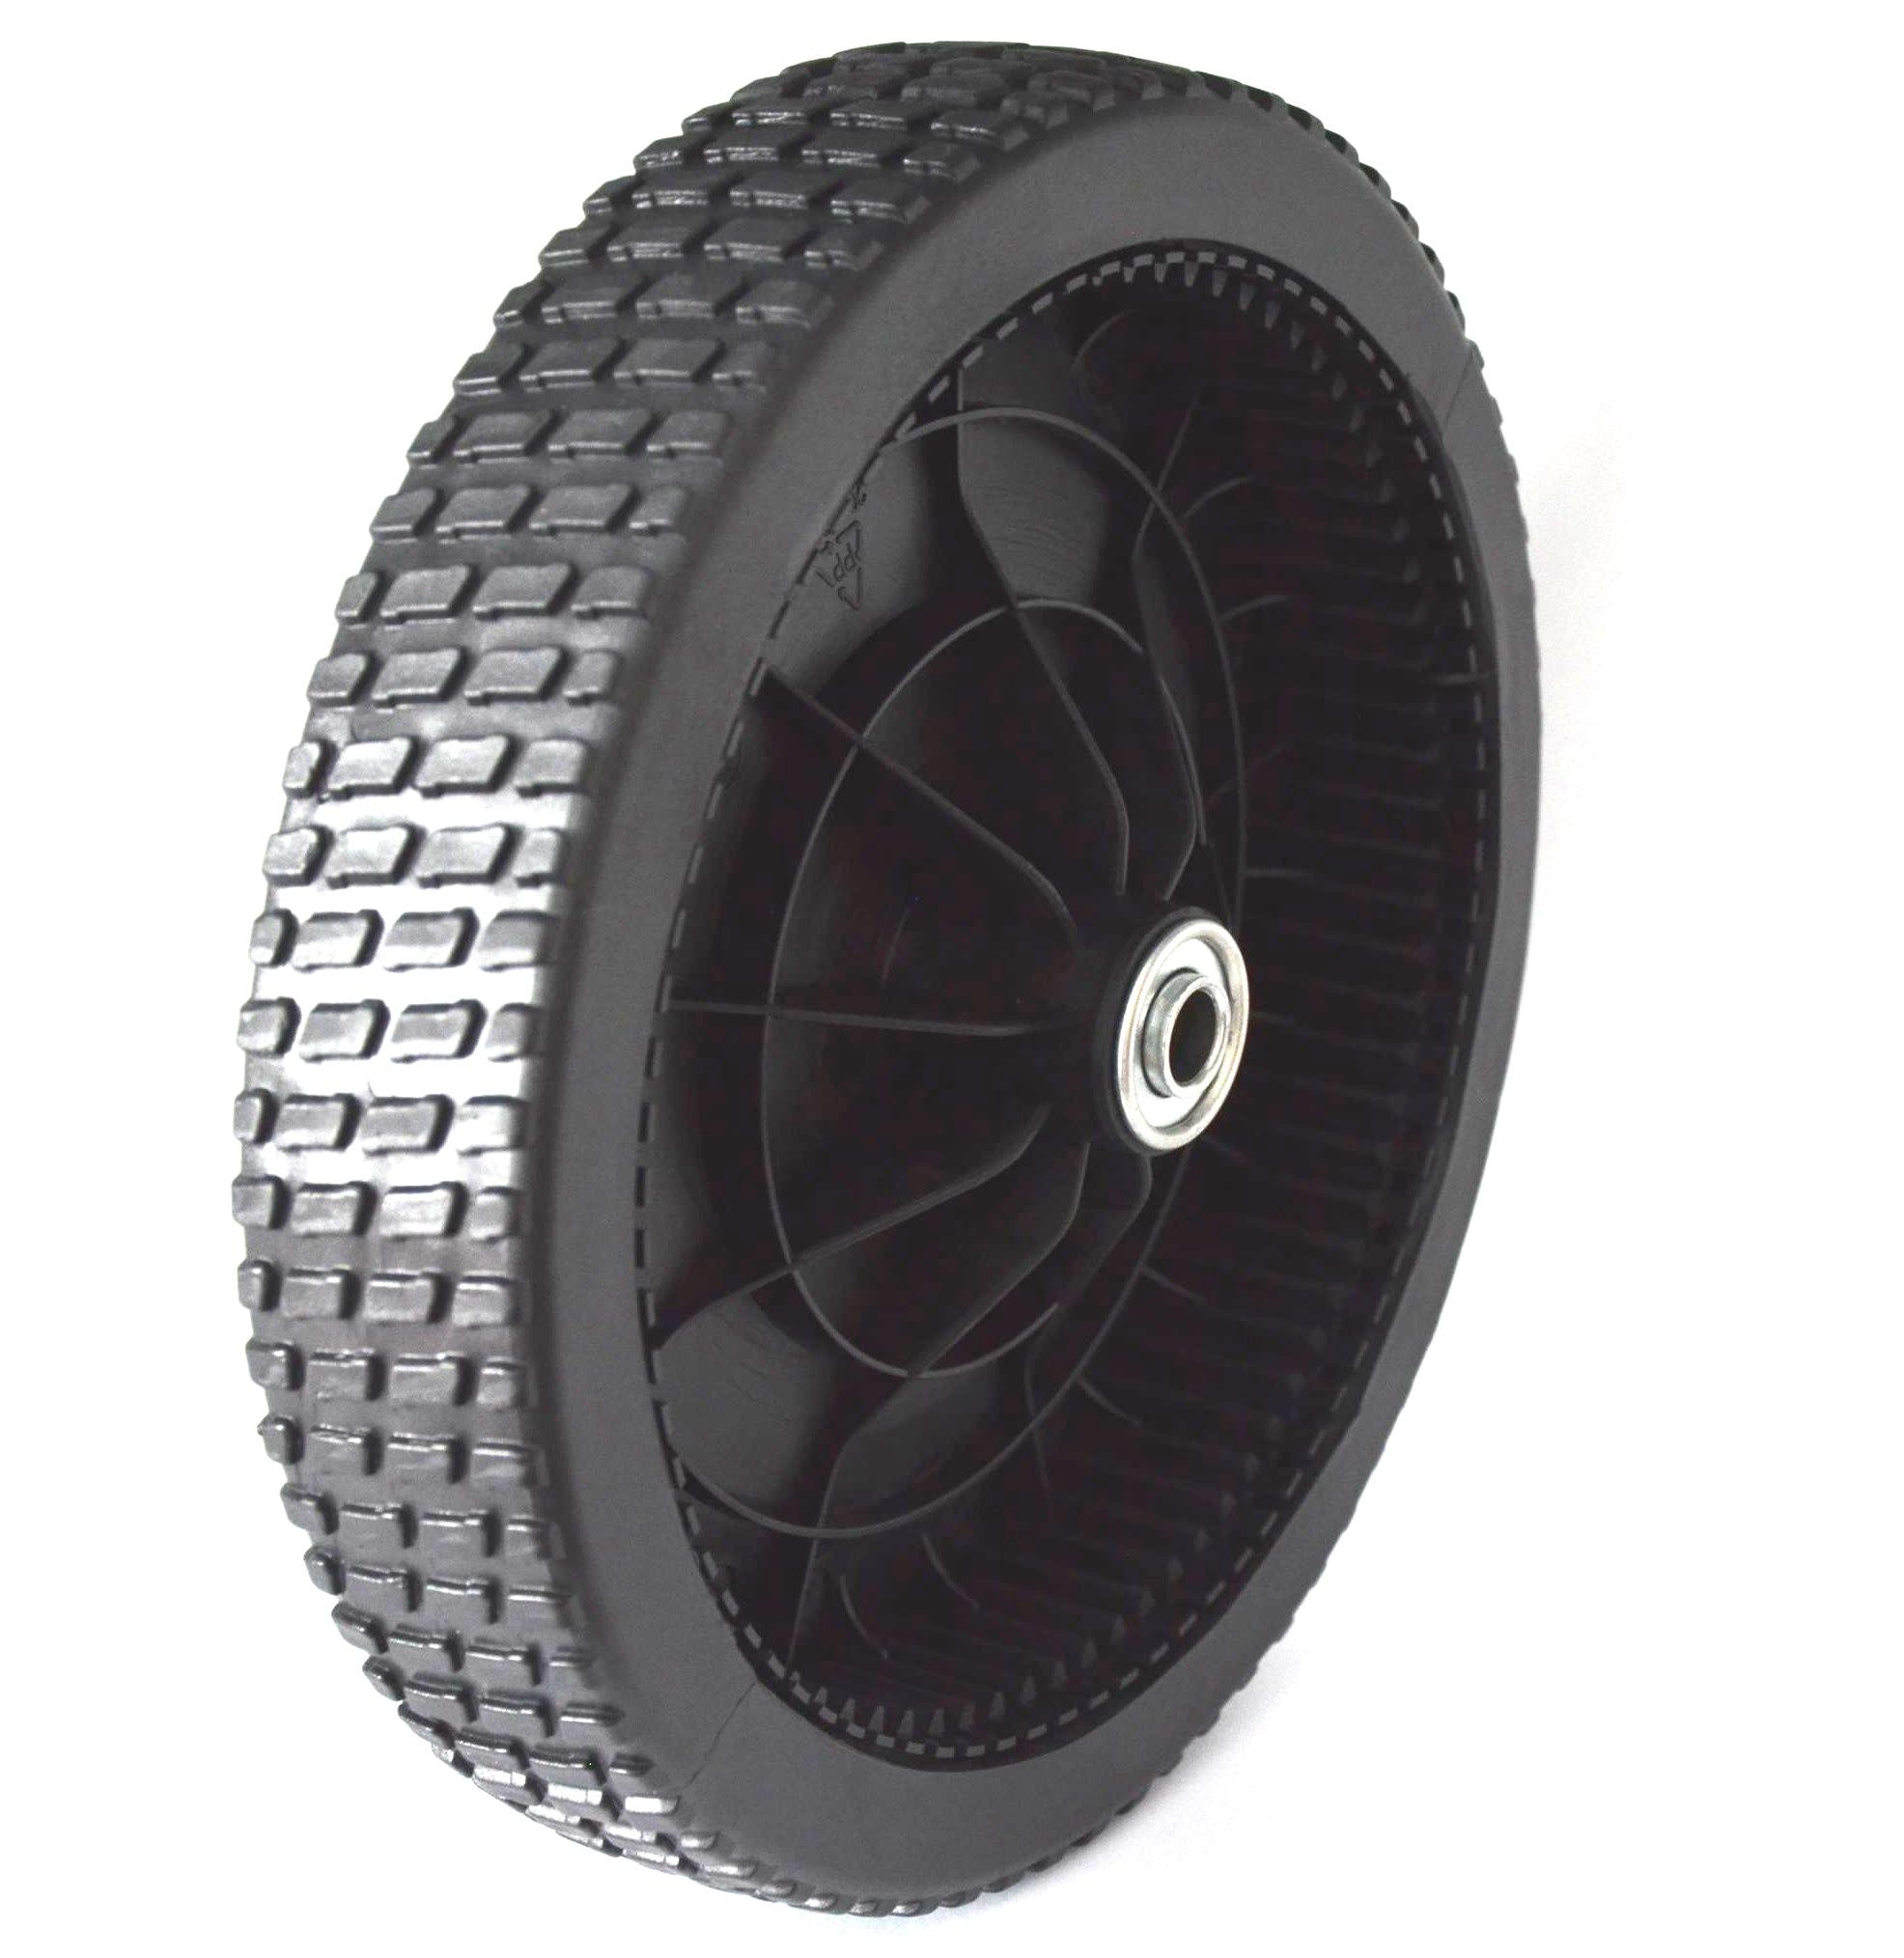 NAC ORIGINÁLNE zadné kolesá kosačky 255 mm LOŽISKÁ